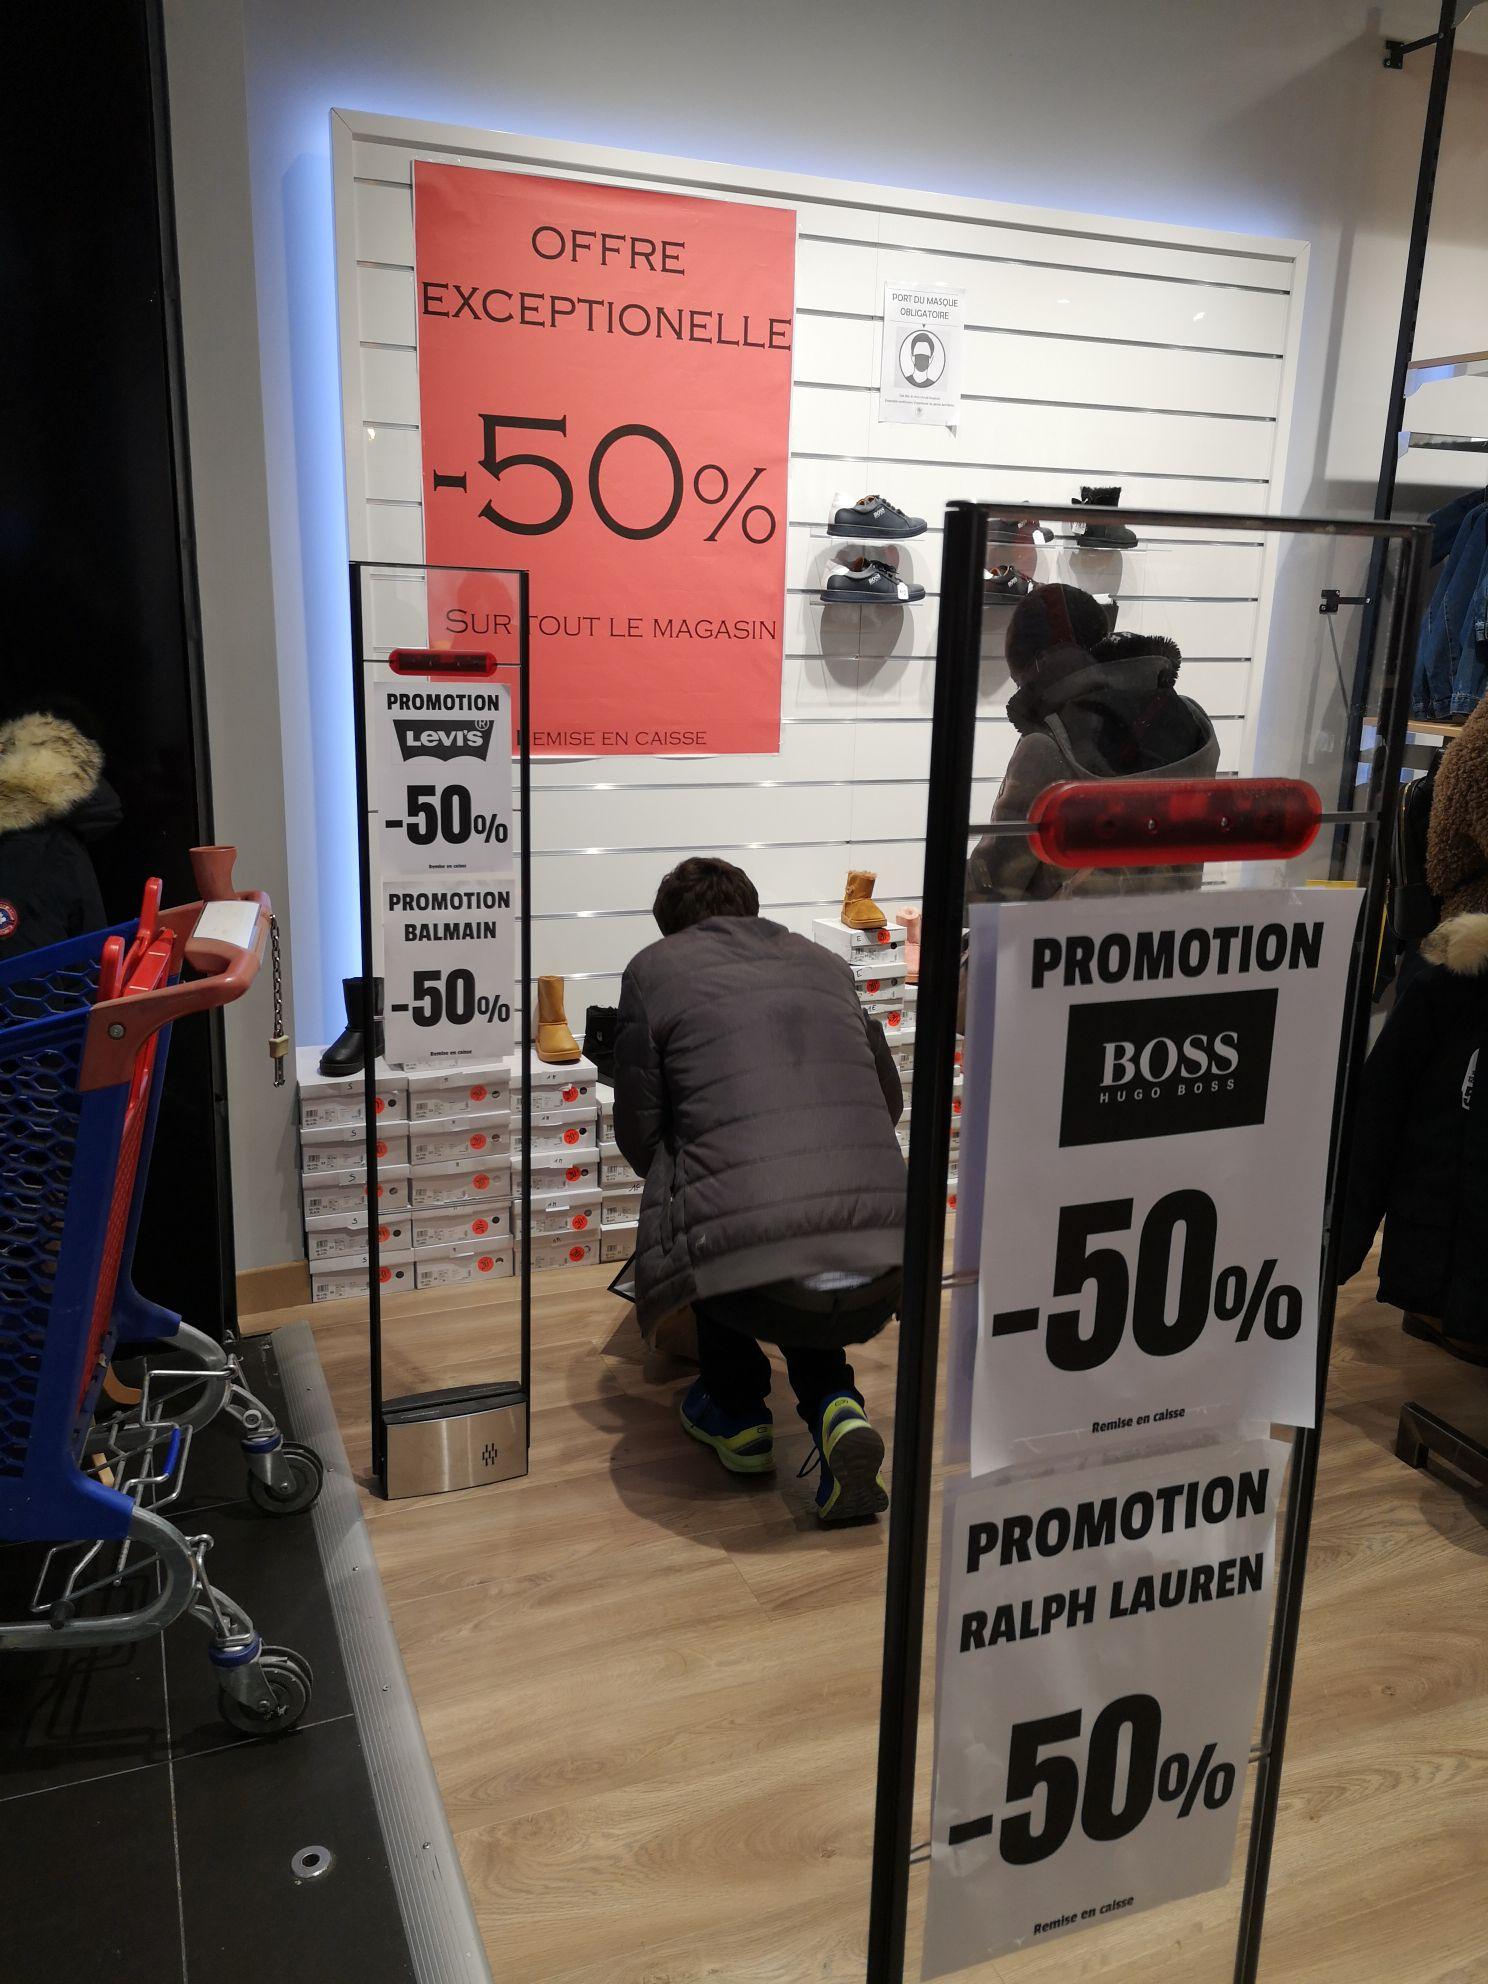 50% de réduction sur tout le magasin - Teen fashion Rosny 2 (93)